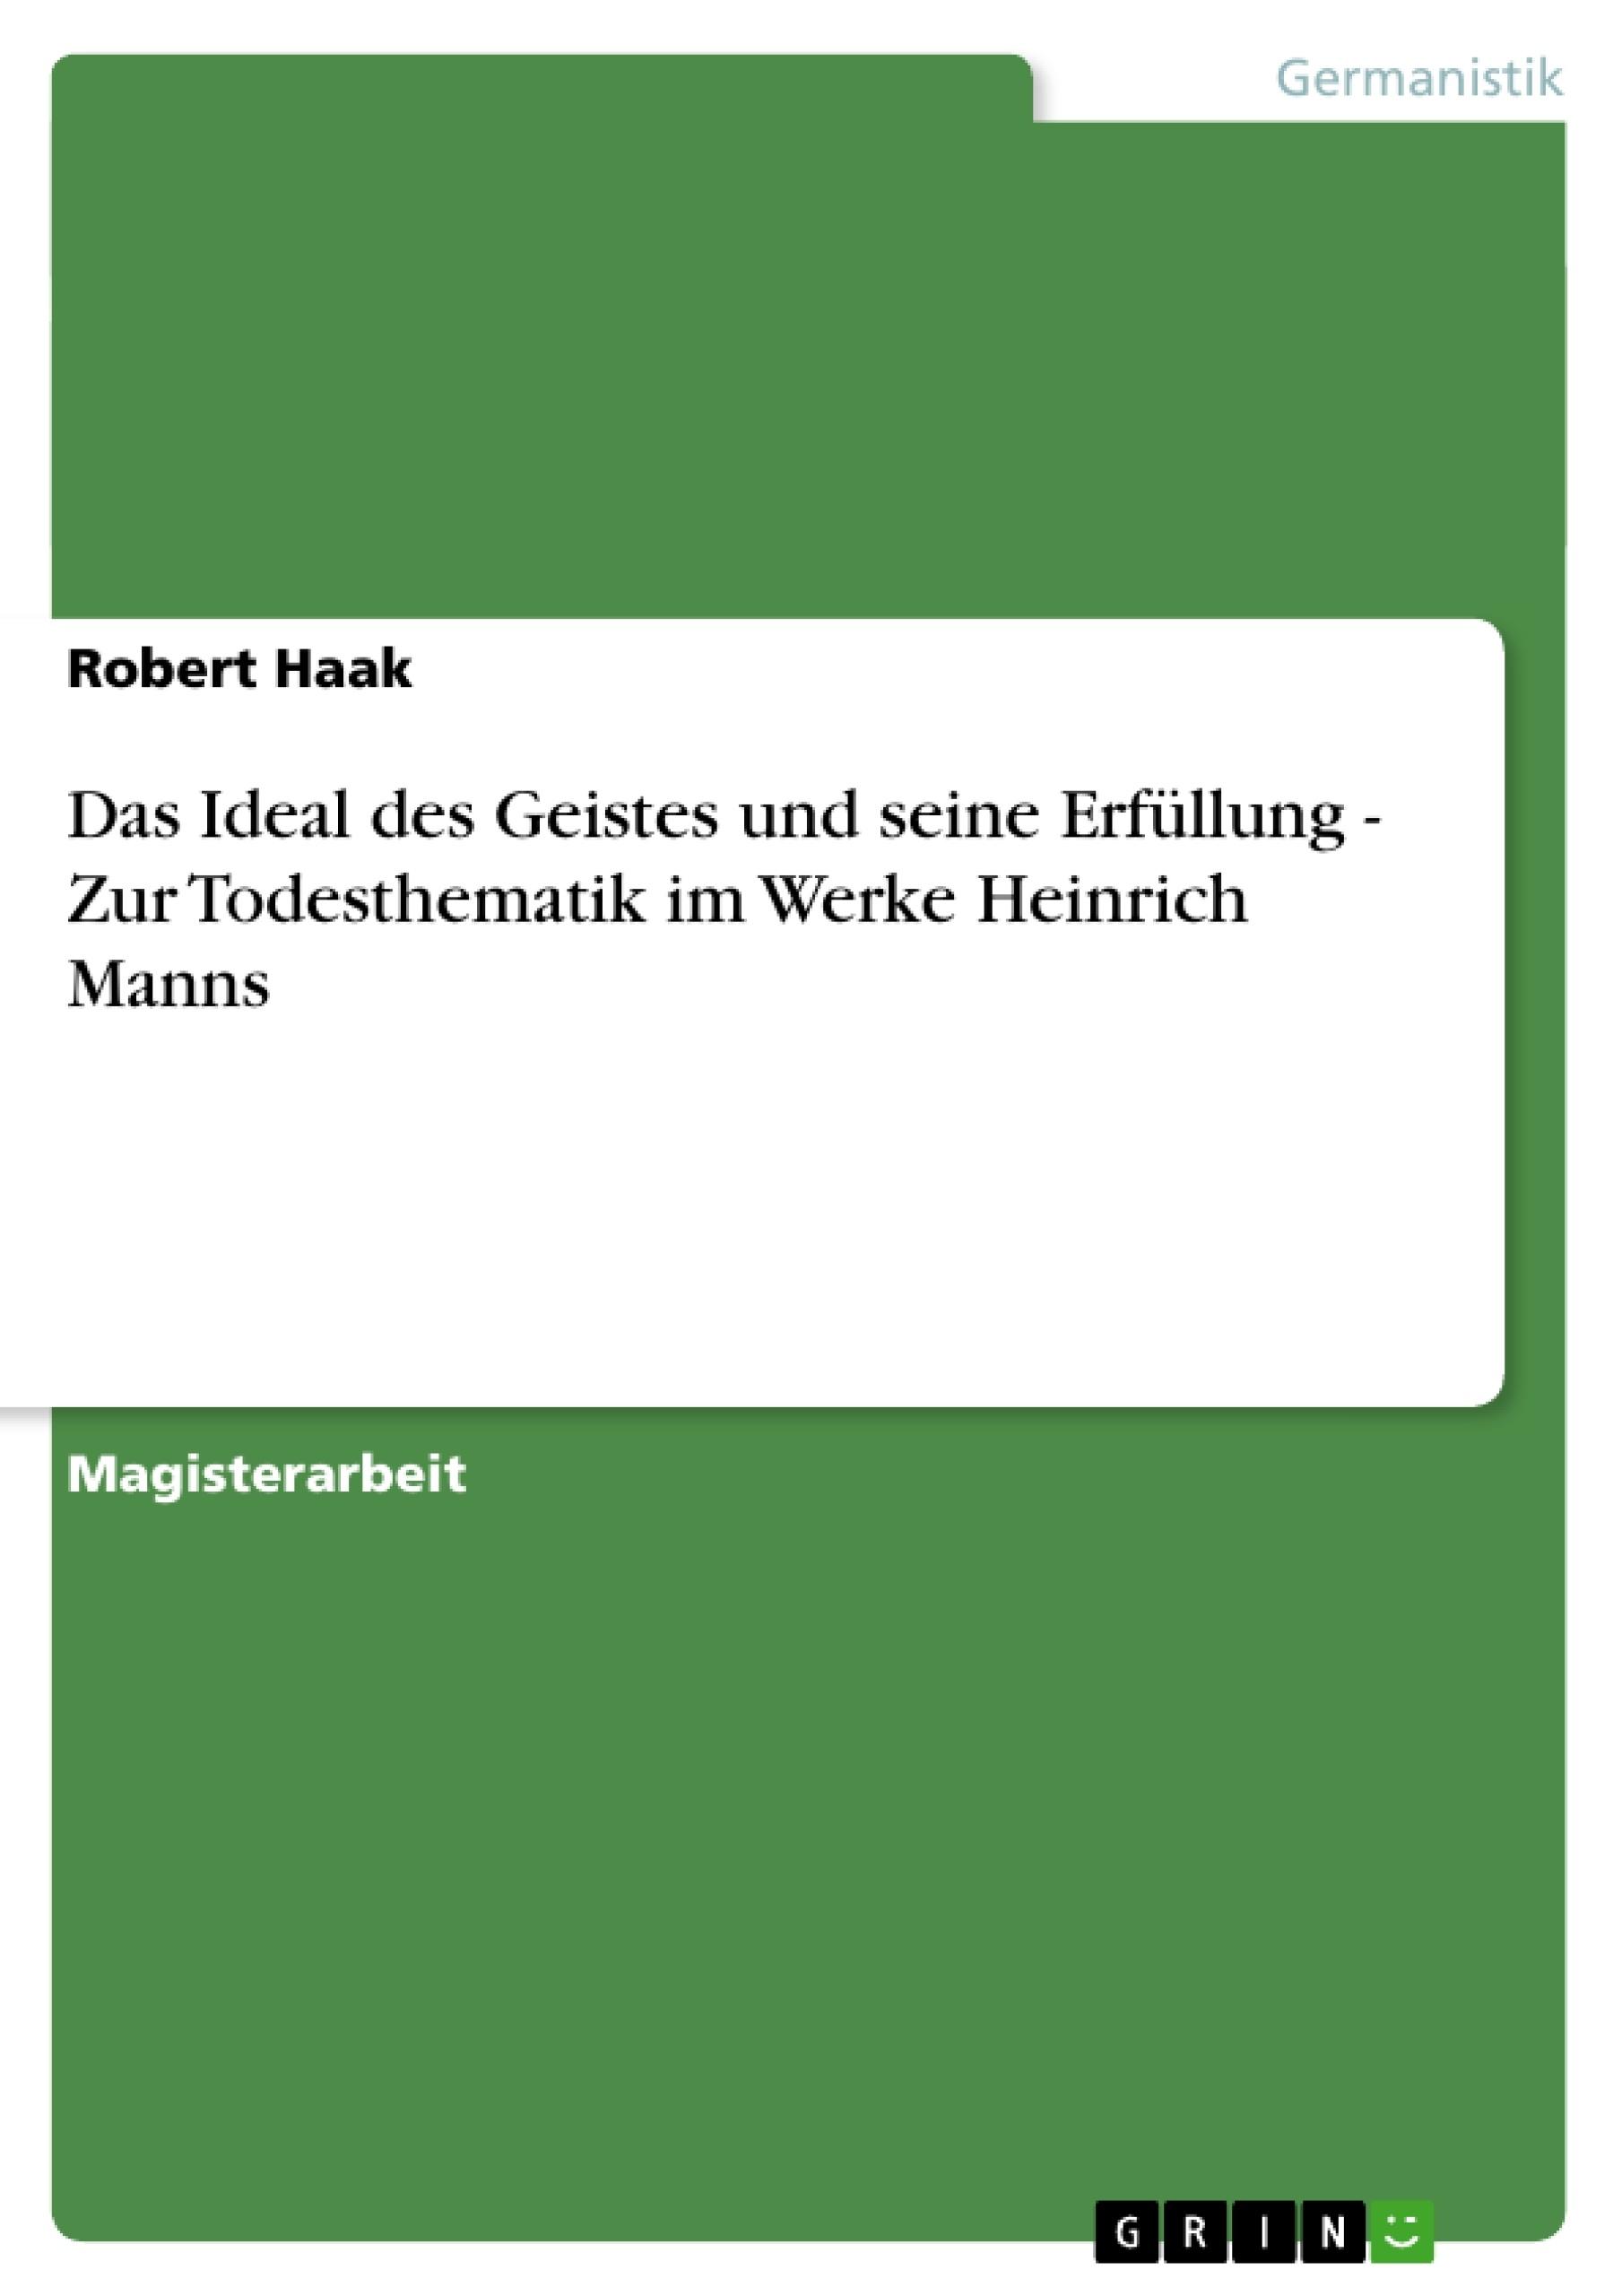 Titel: Das Ideal des Geistes und seine Erfüllung - Zur Todesthematik im Werke Heinrich Manns